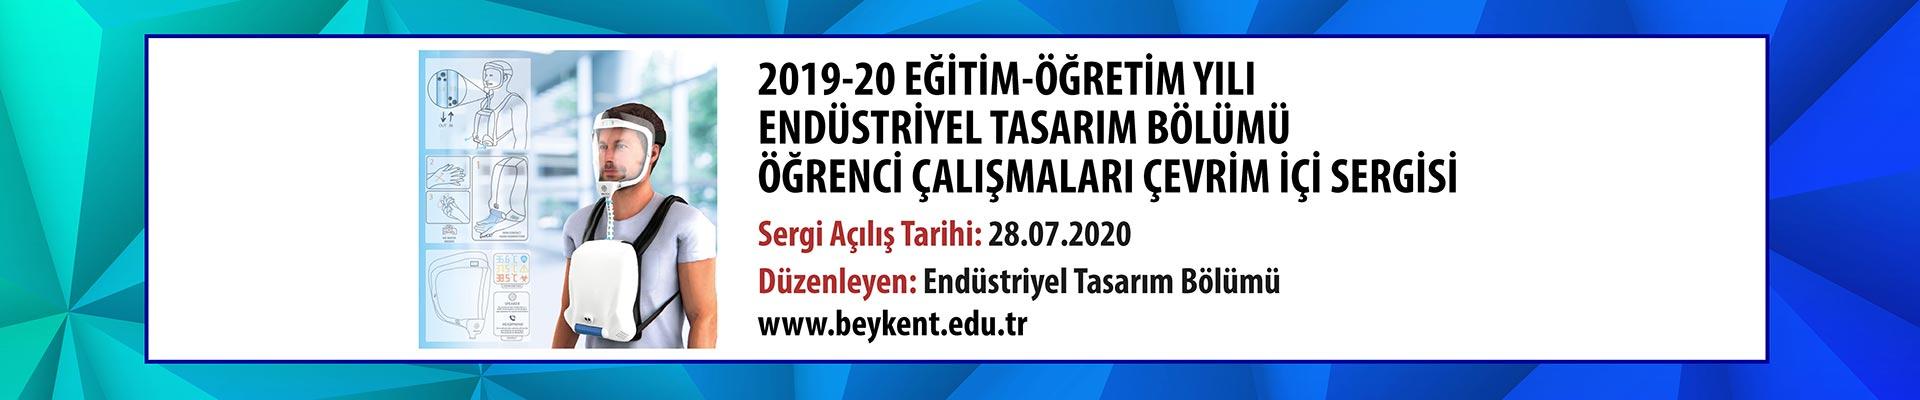 Endüstriyel Tasarım Bölümleri (TR, EN) 2019-2020 Eğitim-Öğretim Yılı Öğrenci Çalışmaları Çevrim İçi Sergi